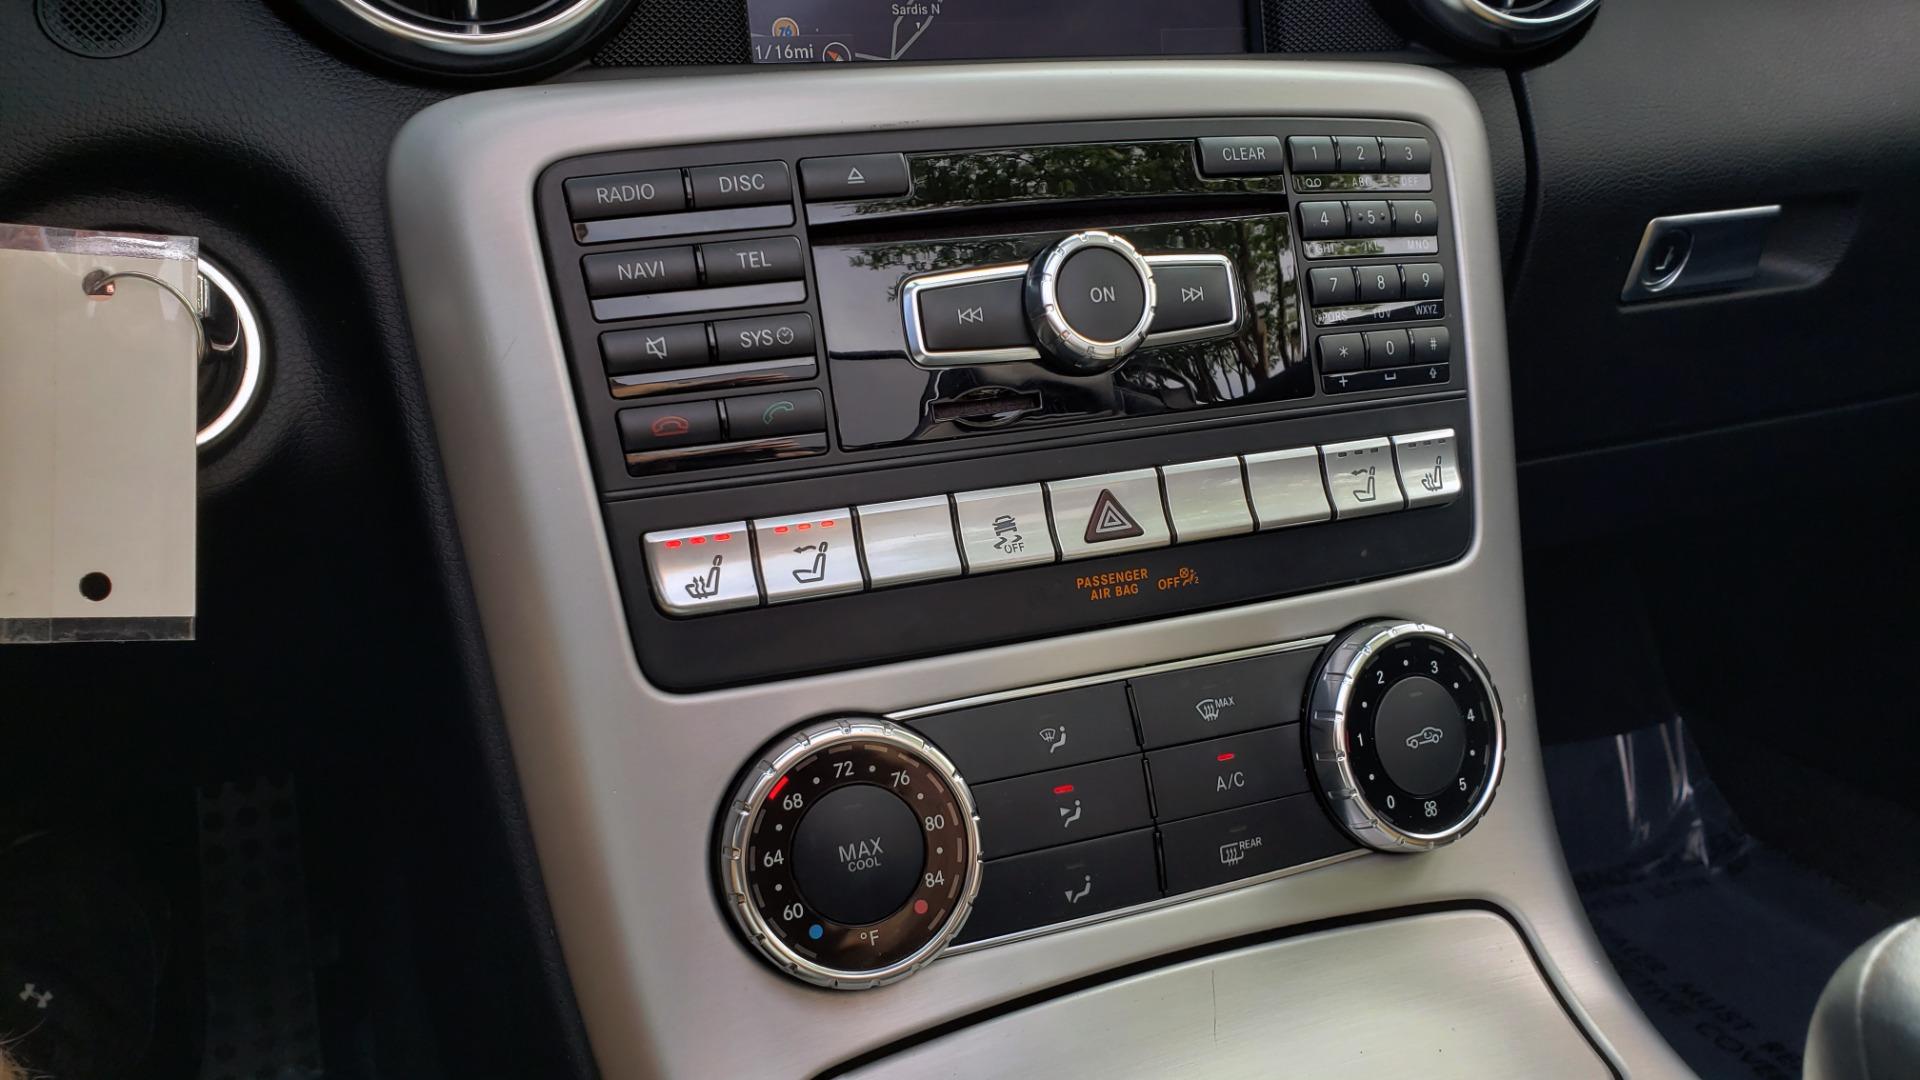 Used 2012 Mercedes-Benz SLK-CLASS SLK 250 ROADSTER / PREM 1 PKG / COMAND LAUNCH PKG / 7-SPD AUTO for sale $24,995 at Formula Imports in Charlotte NC 28227 28